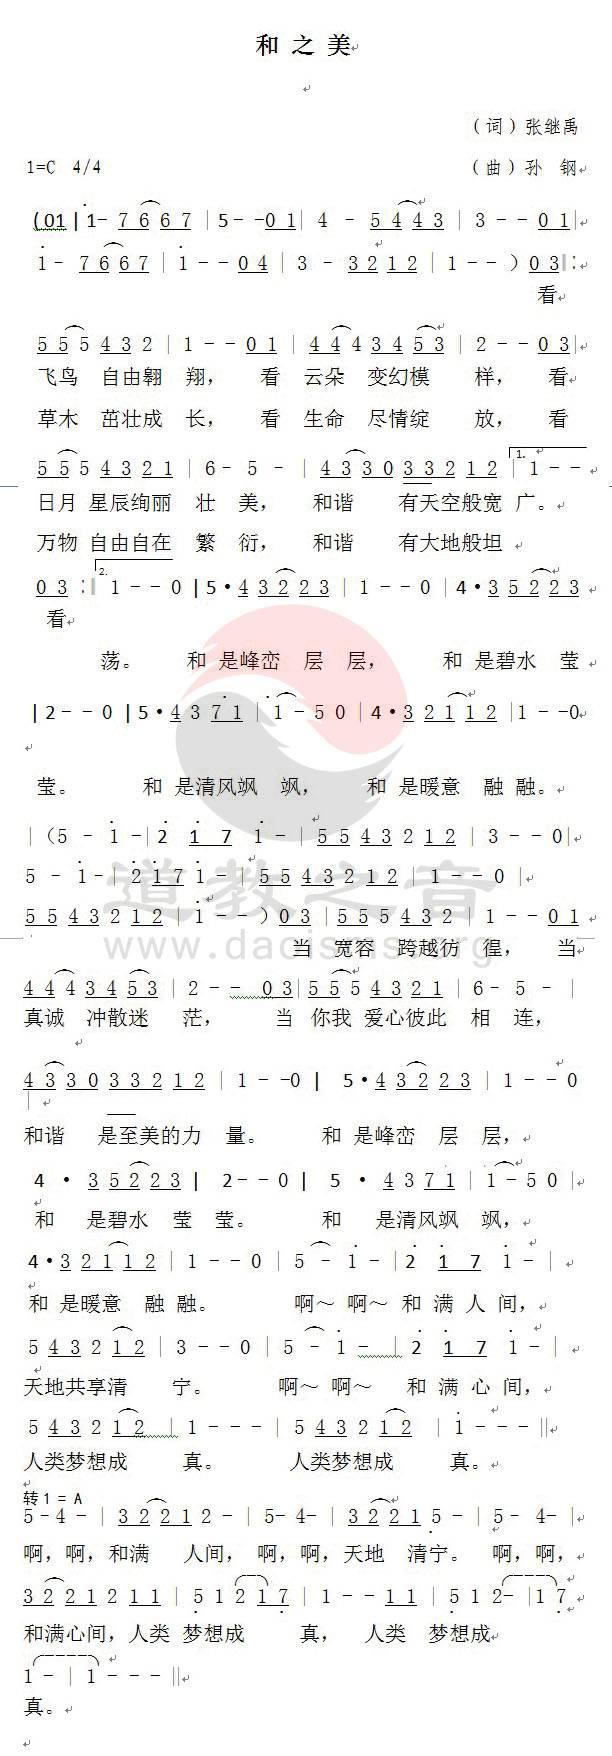 和之美 作词张继禹道长 演唱邓容